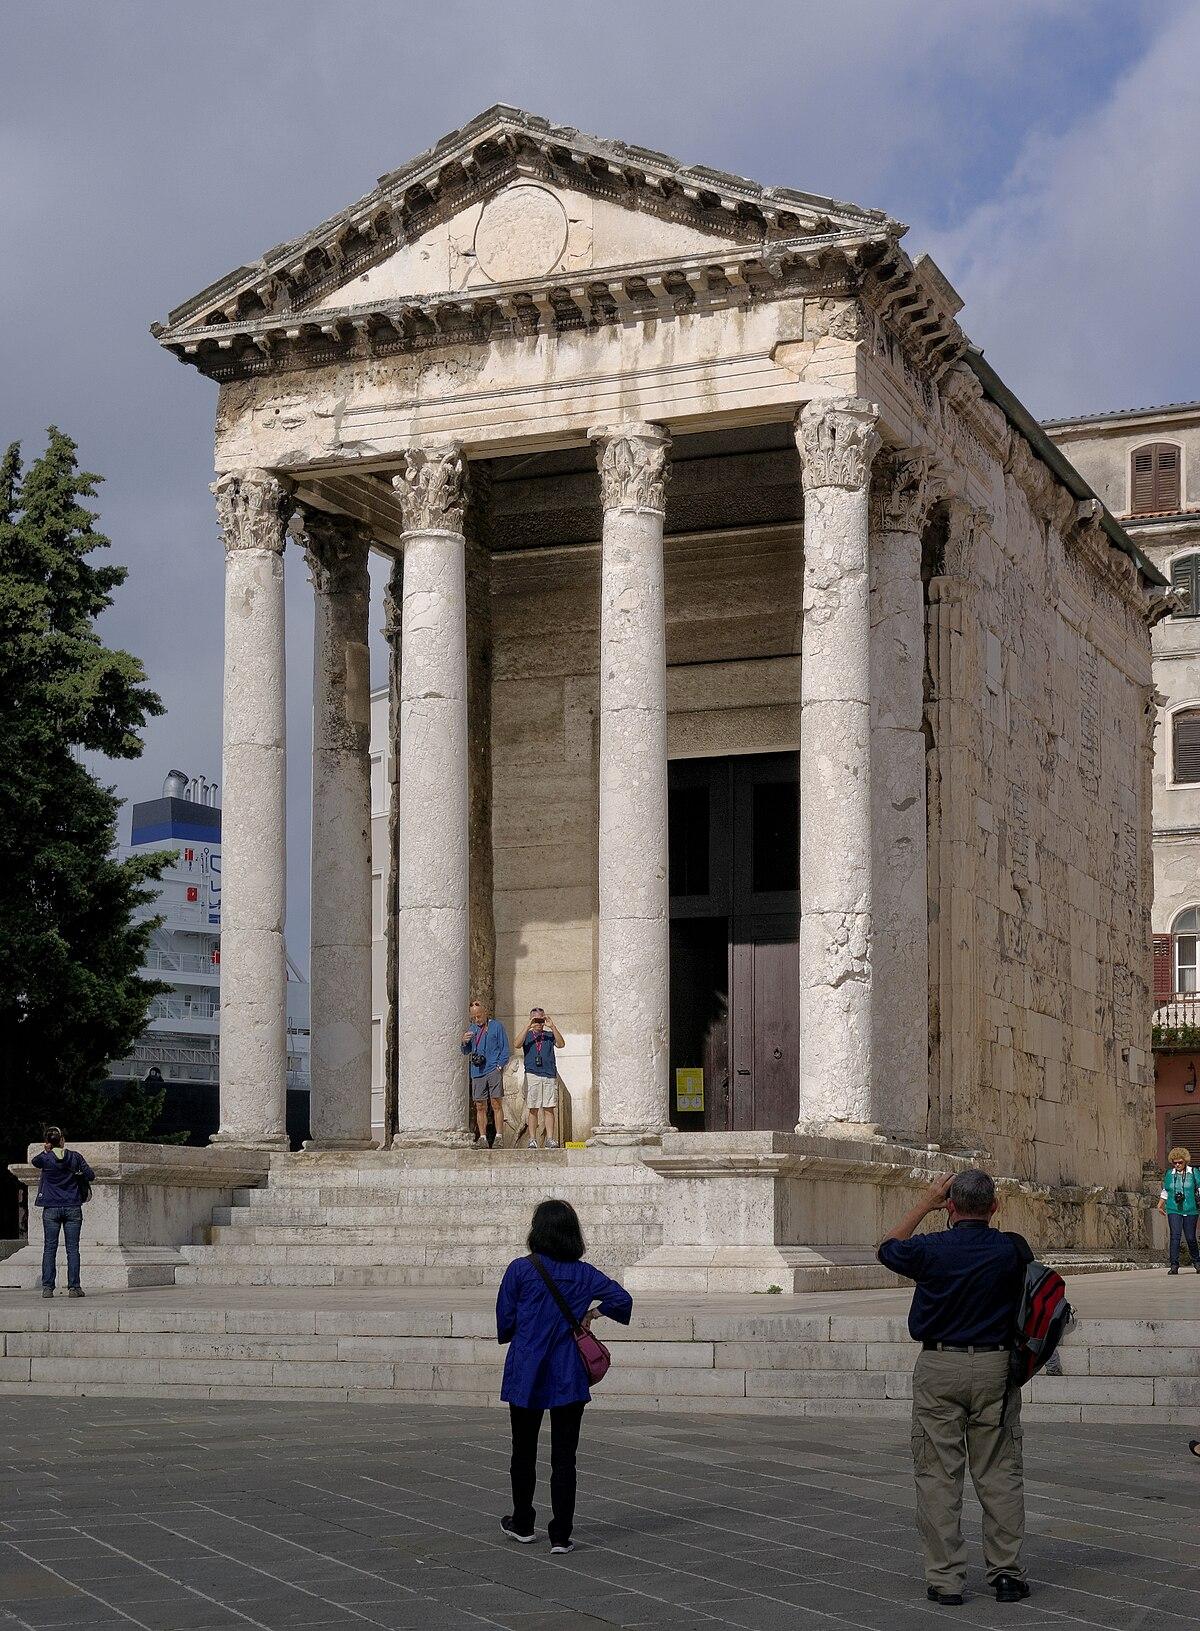 La Casa Es Muy Bonita Y Grande World Mediterranean: Temple Of Augustus, Pula